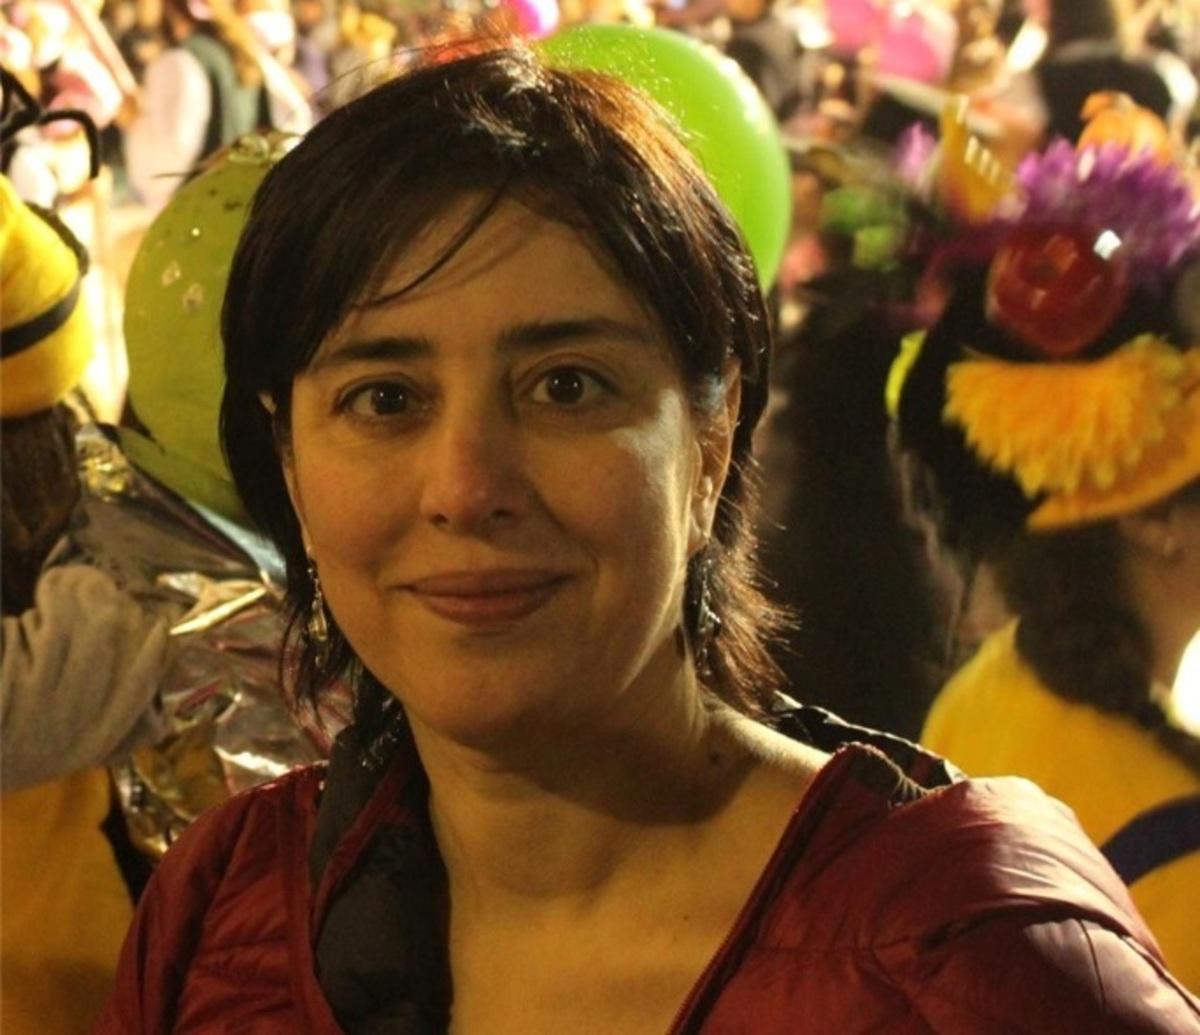 Σύρος: Η απάντηση της ταβερνιάρισσας στη Μαρία Δεναξά – Η απόδειξη και οι χρεώσεις που άναψαν φωτιές [pics] | Newsit.gr